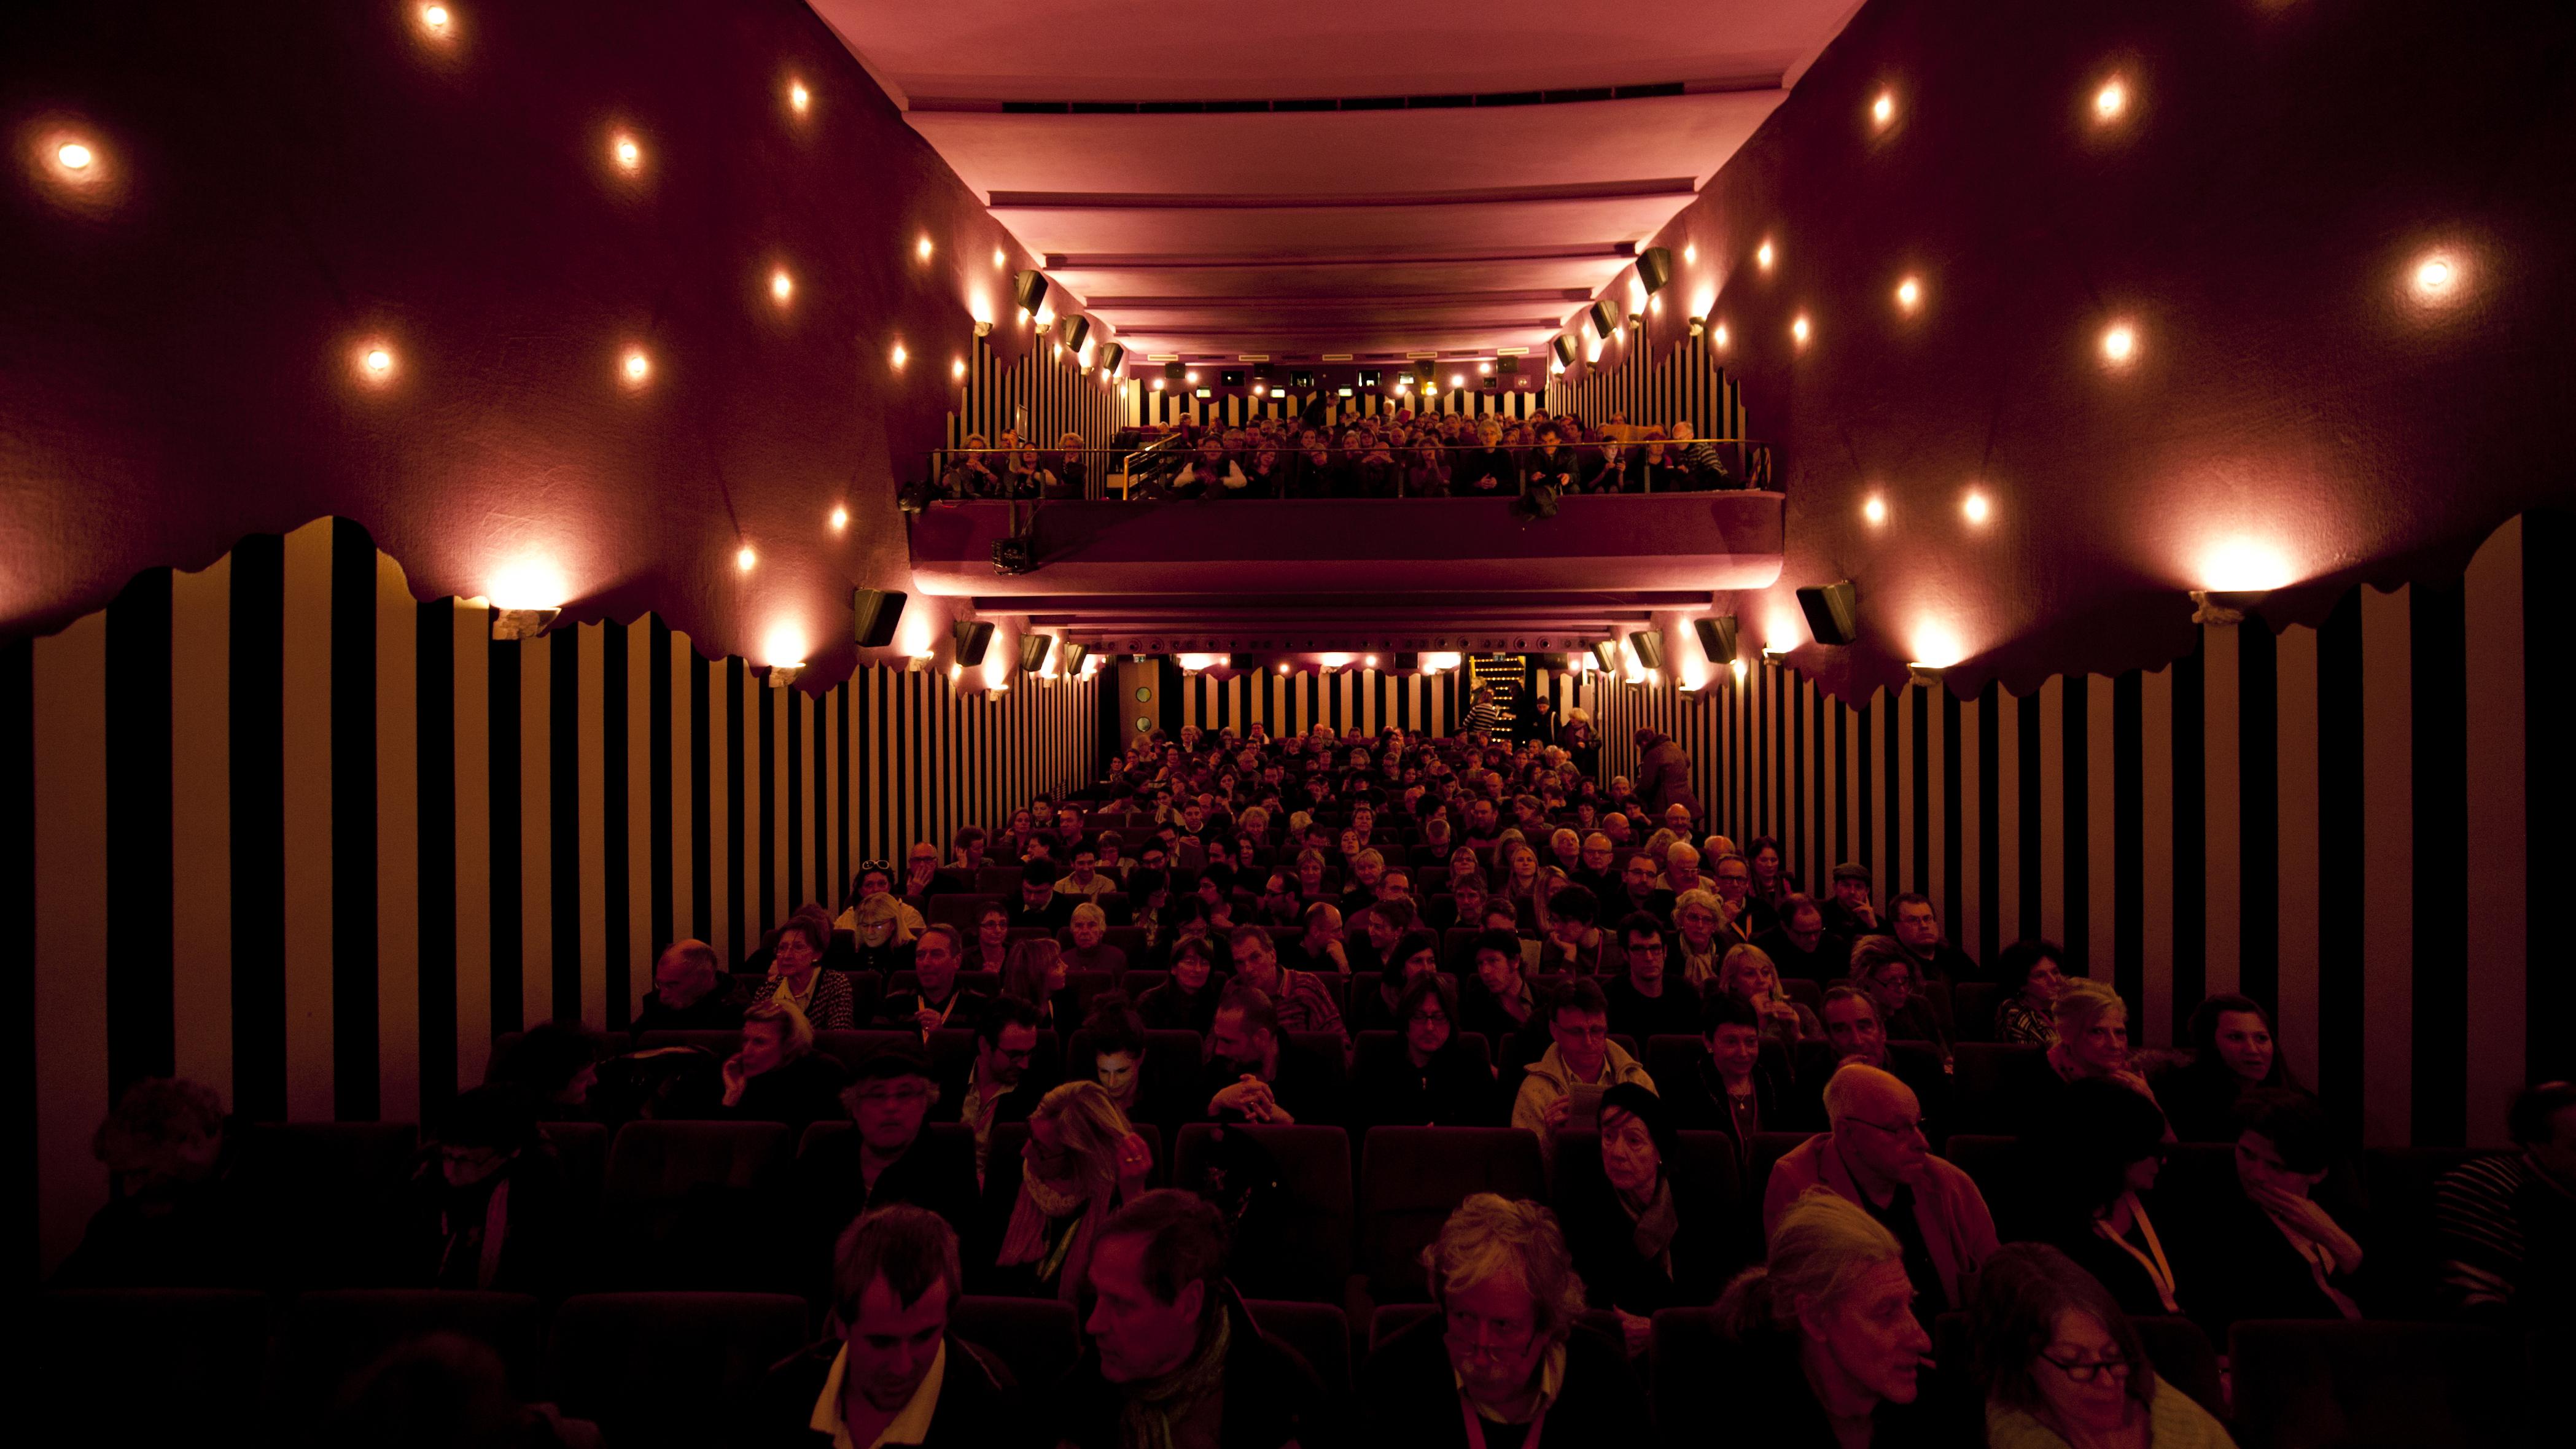 Impressiun dals dis da film da Soloturn da l'onn 2012.